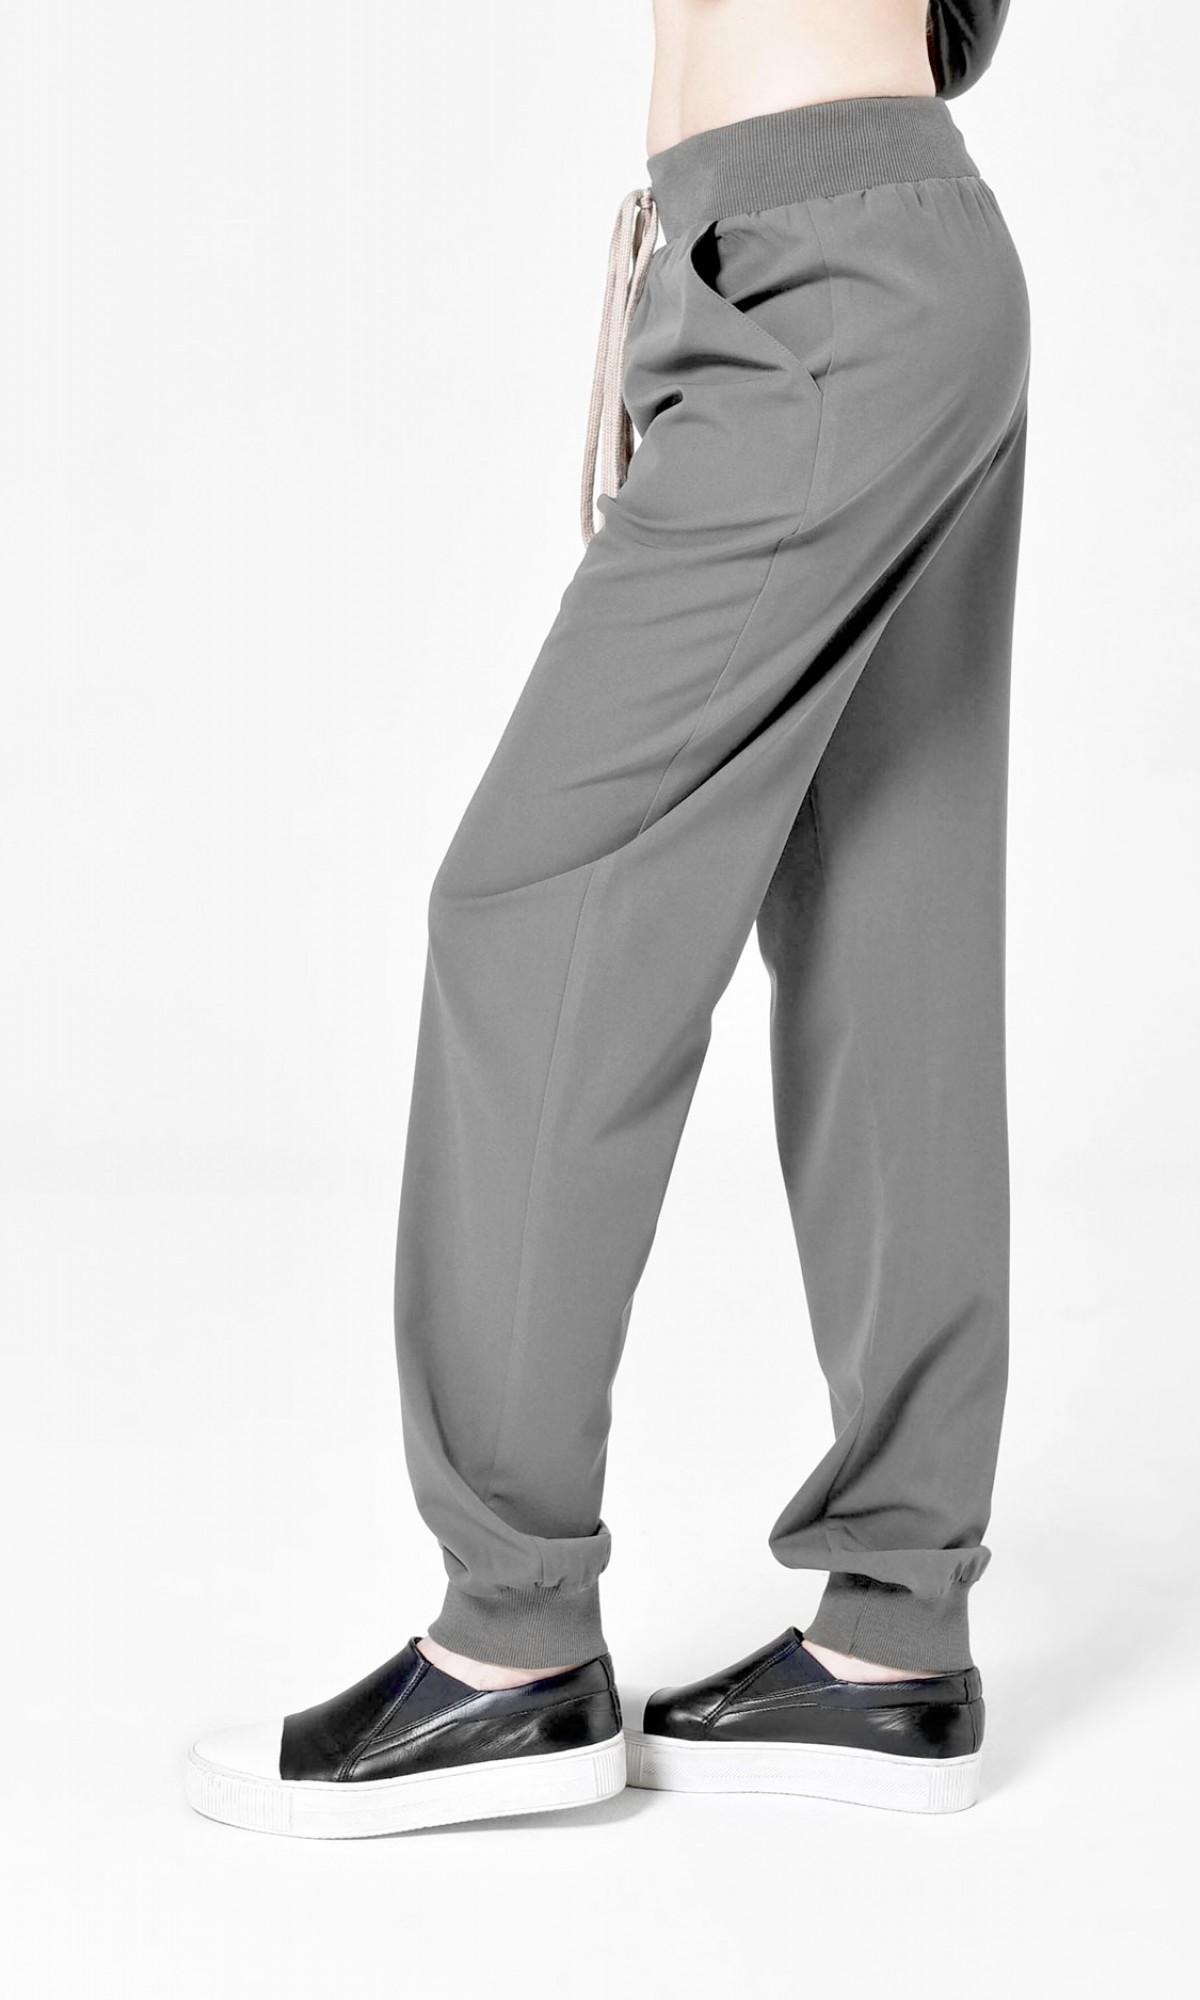 Straight Elastic Cuff Pants